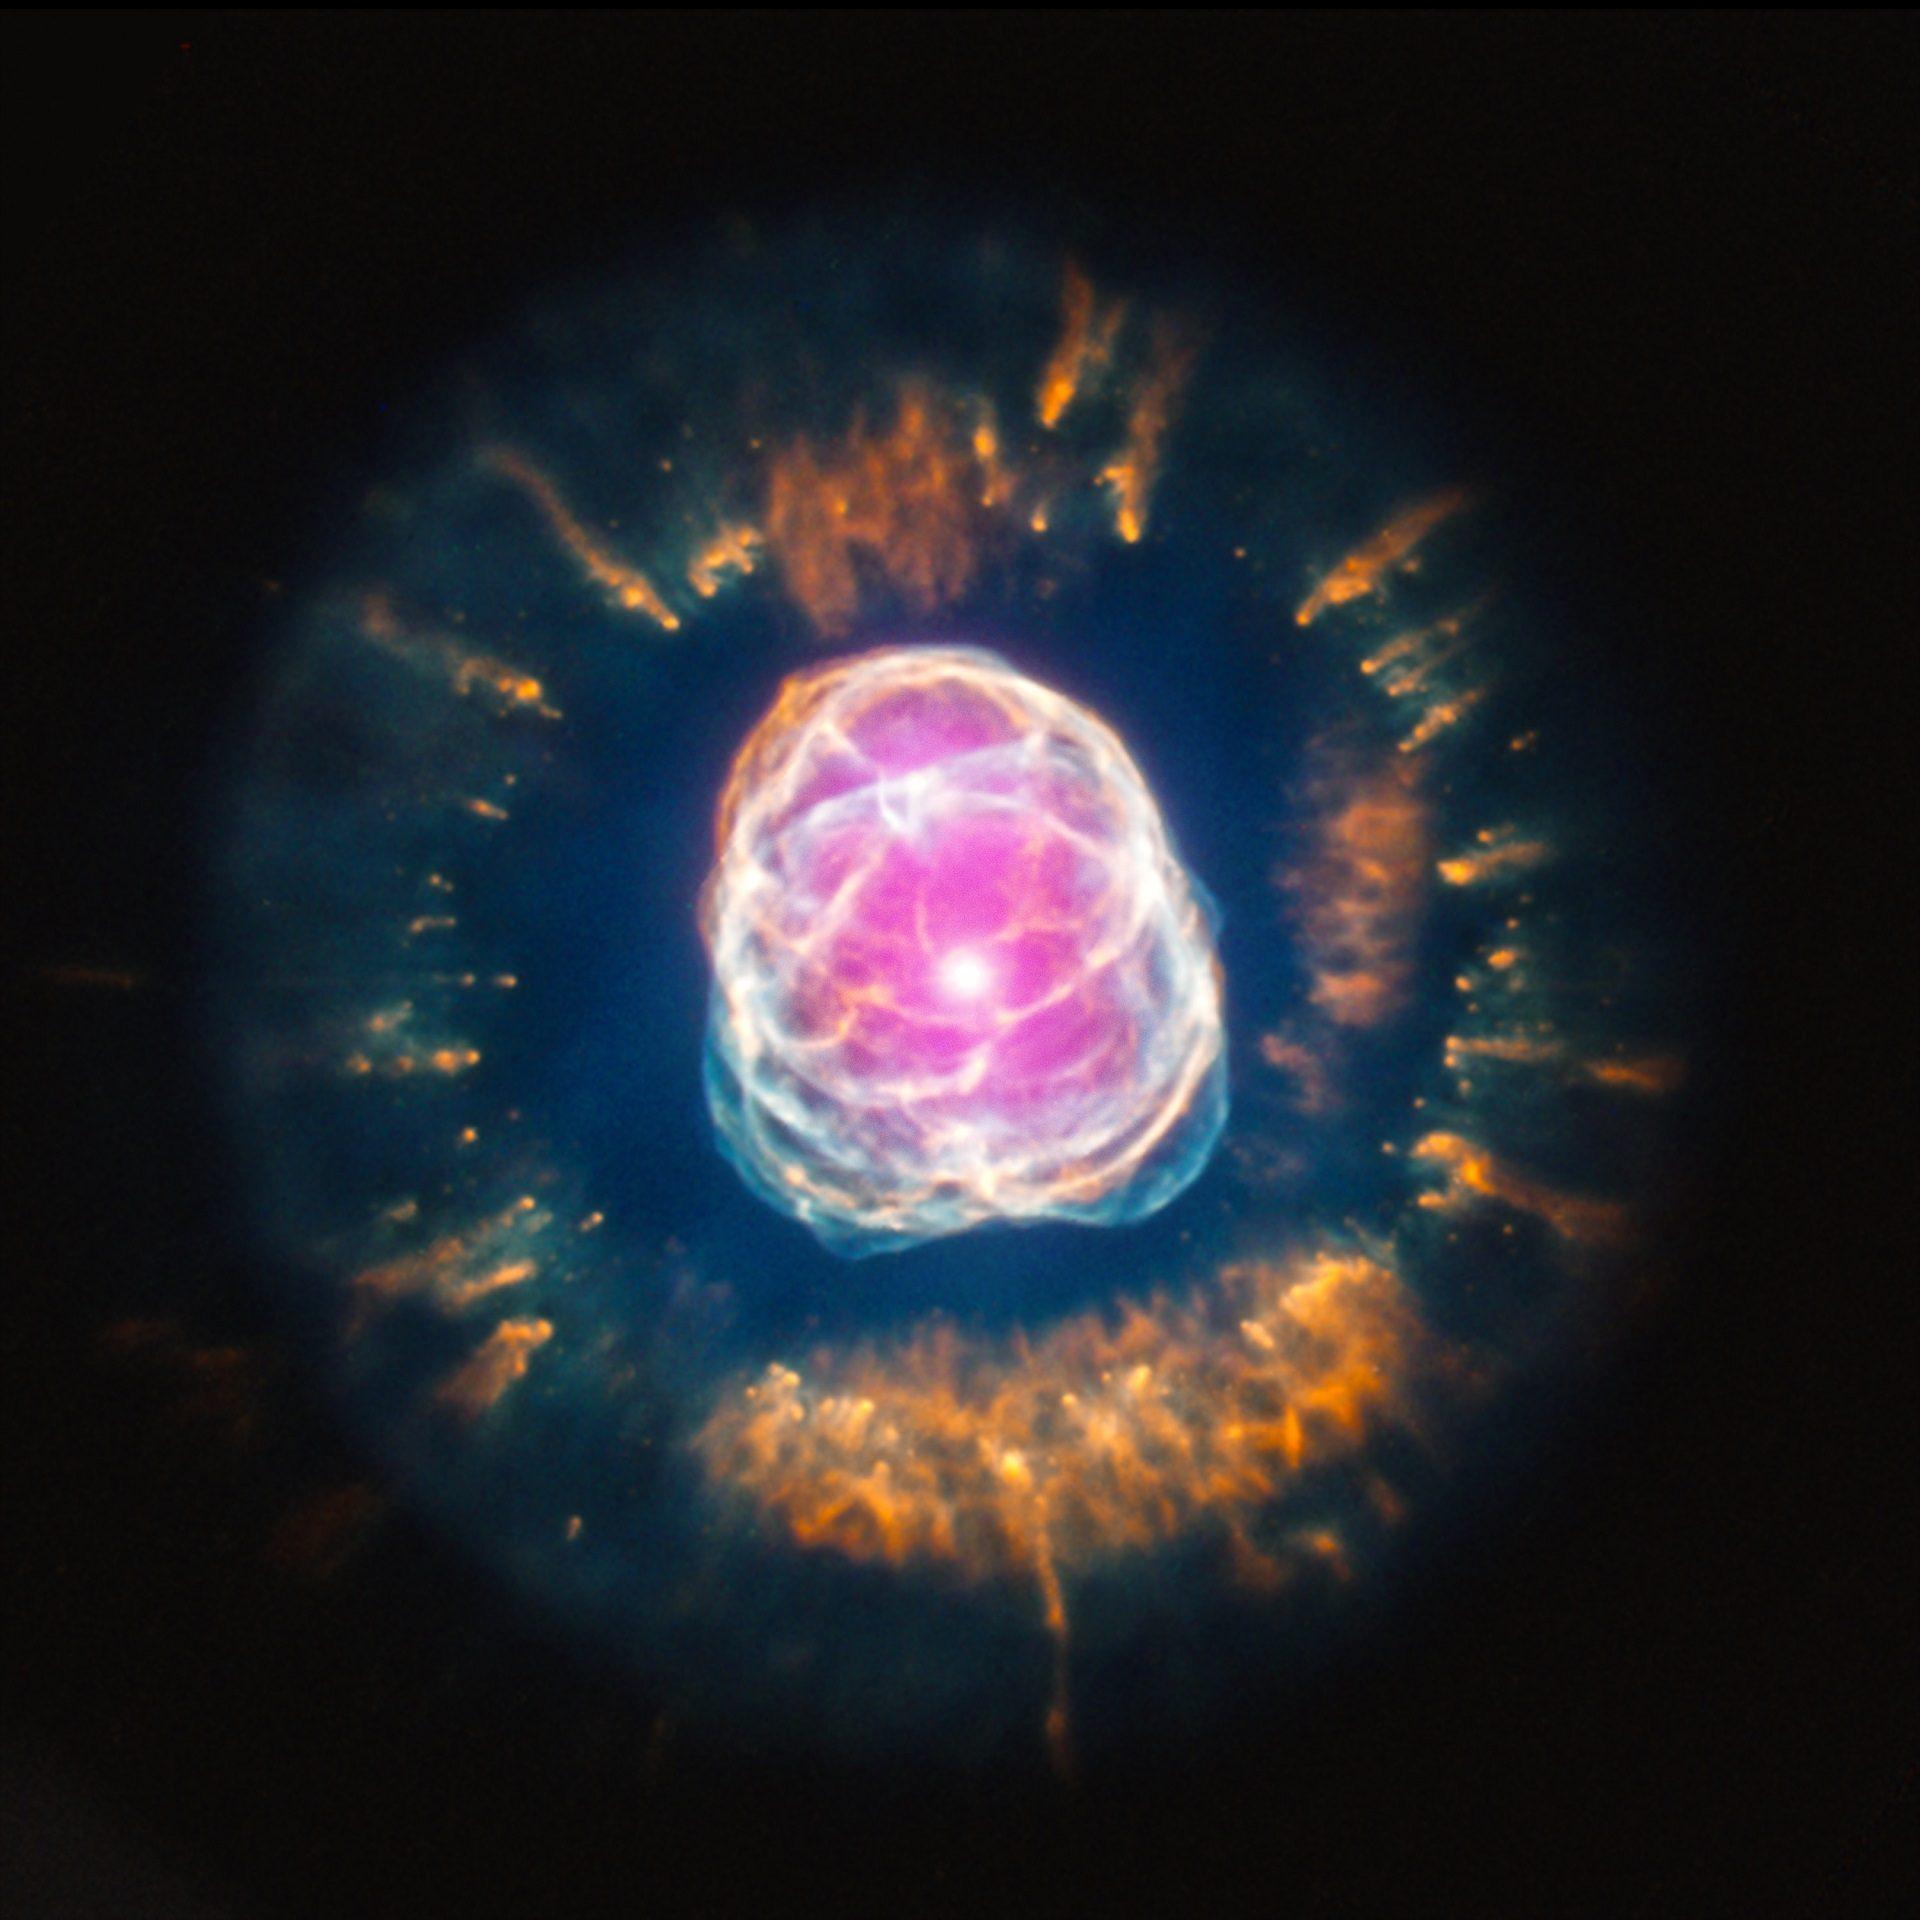 星云, 小丑的脸, 银河, universo, 宇宙, 1706111447